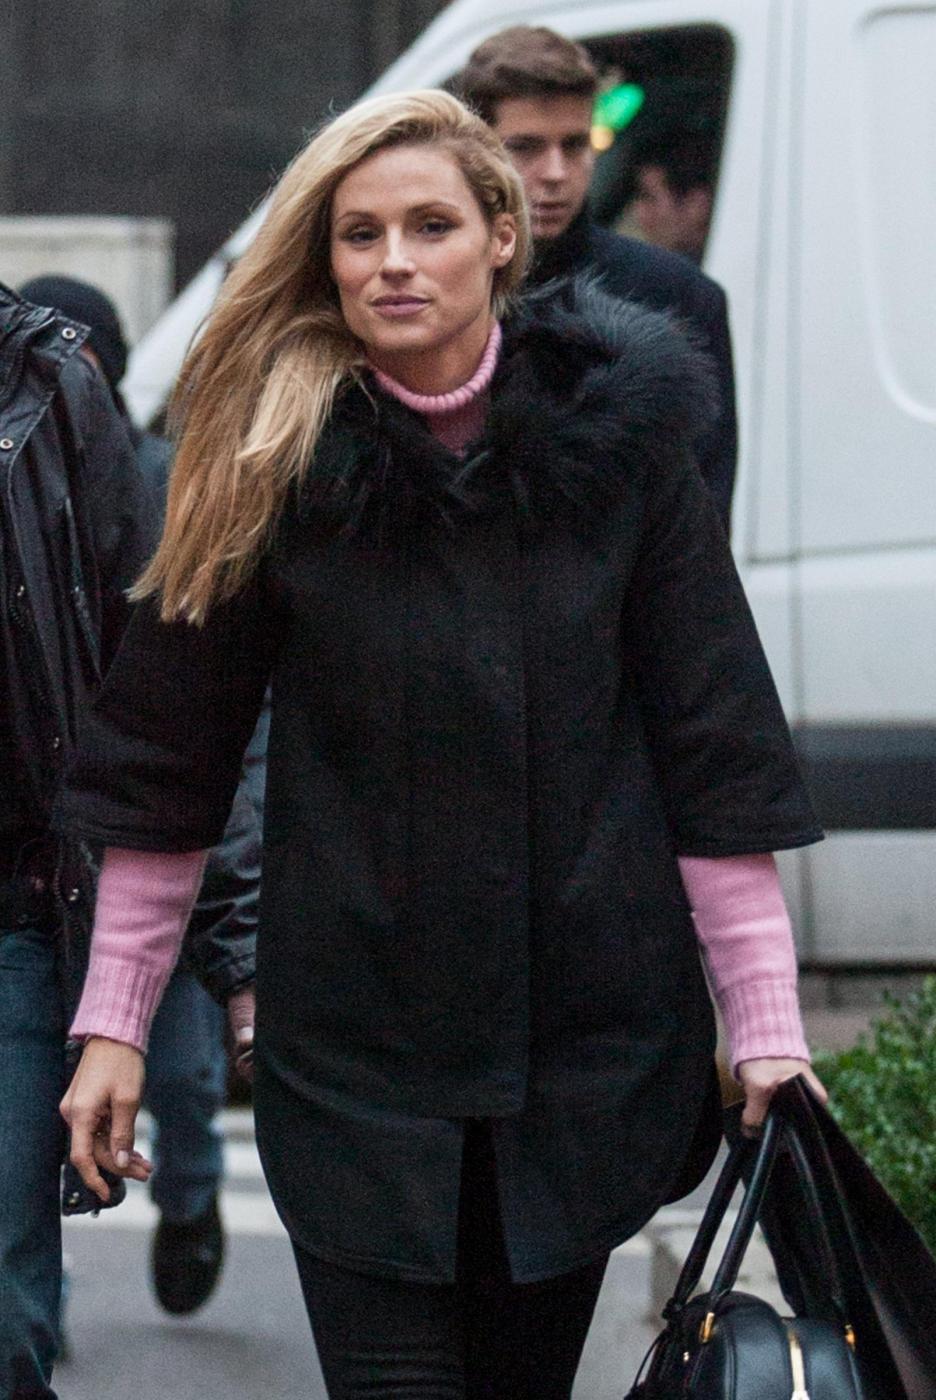 Michelle Hunziker a Milano: volto stanco, troppo lavoro11